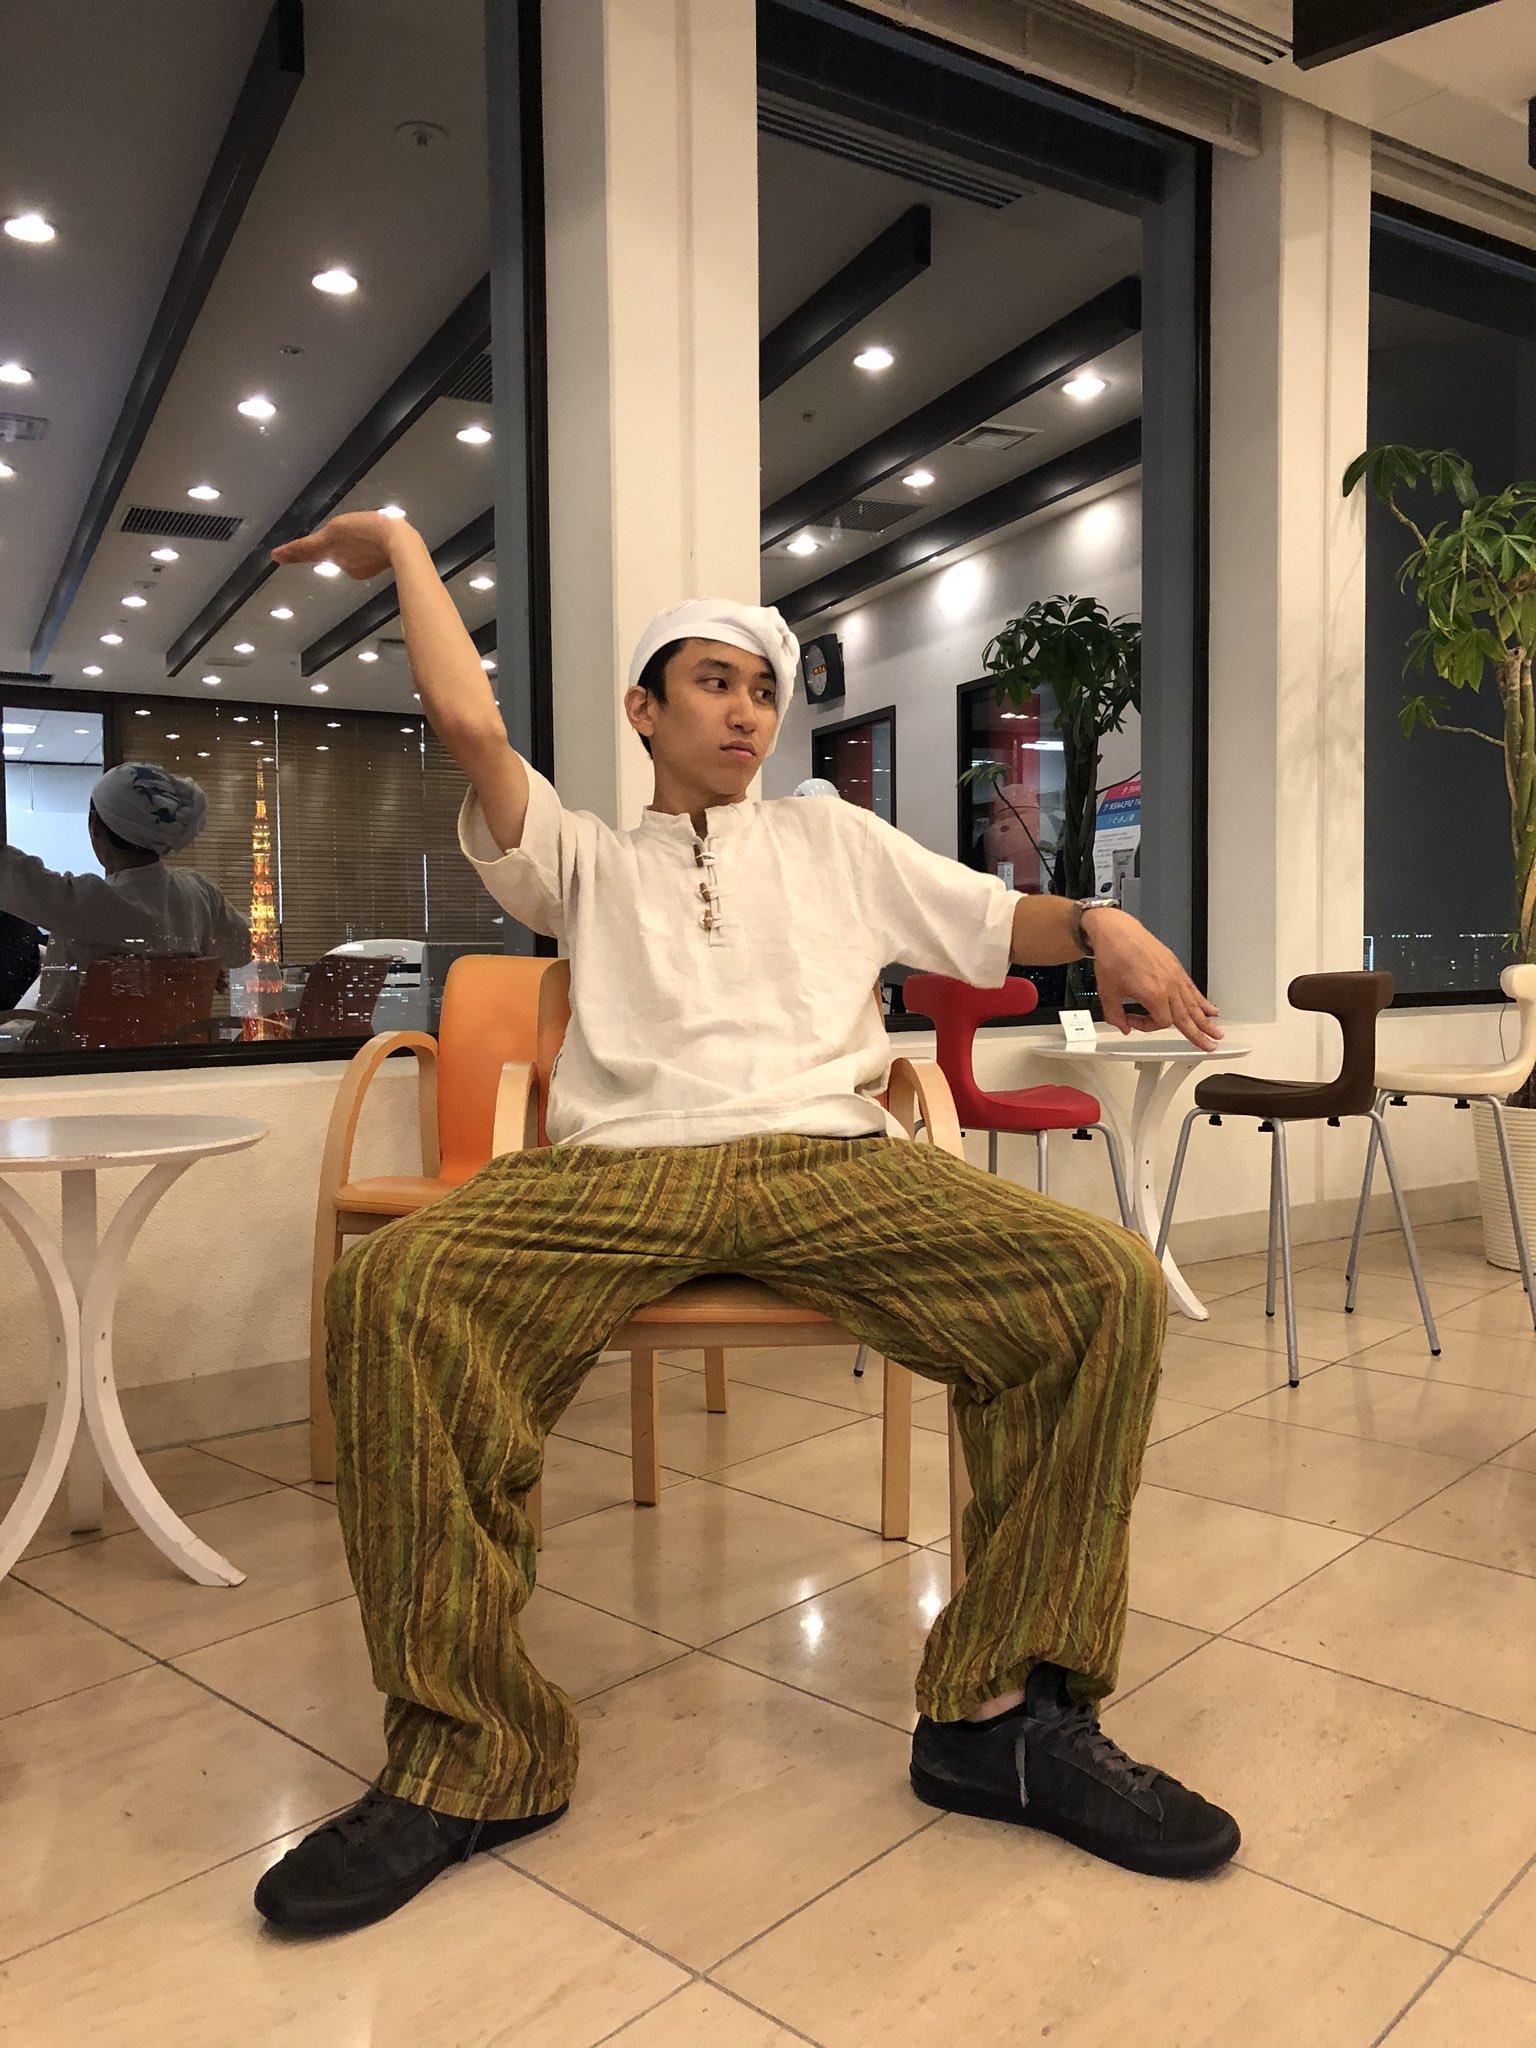 マカロニえんぴつ・はっとりがユニコーンの曲を初の弾き語りで披露!